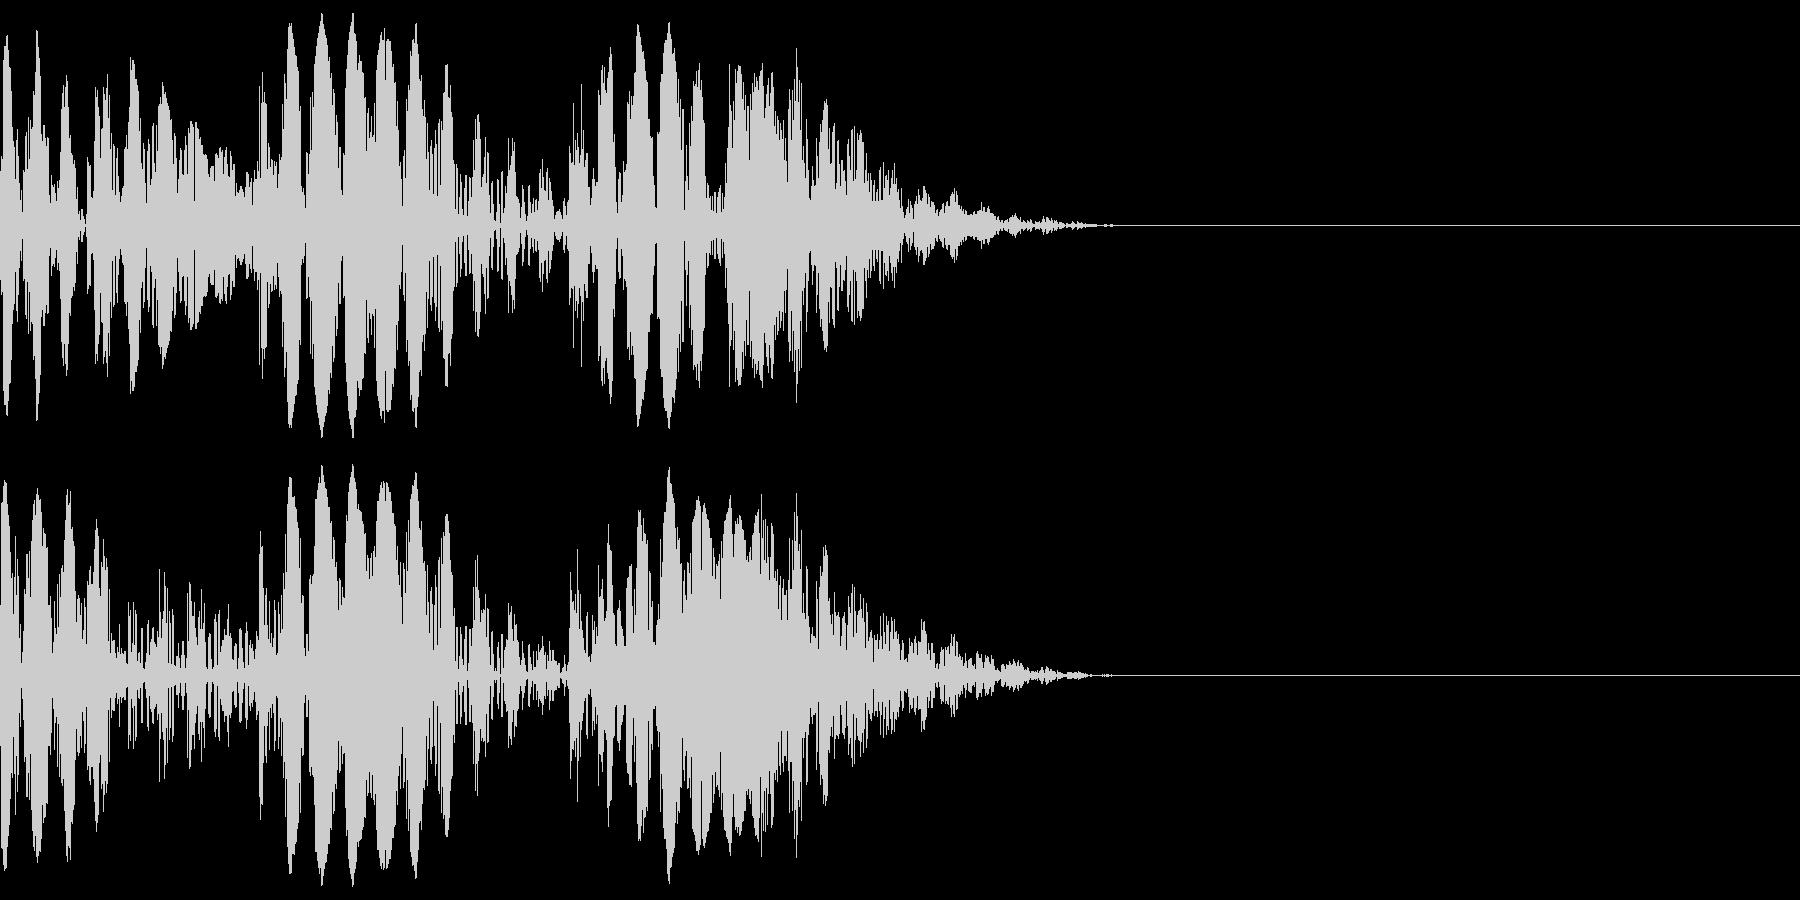 ブニョニョ(マイナスイメージ_毒_連続)の未再生の波形